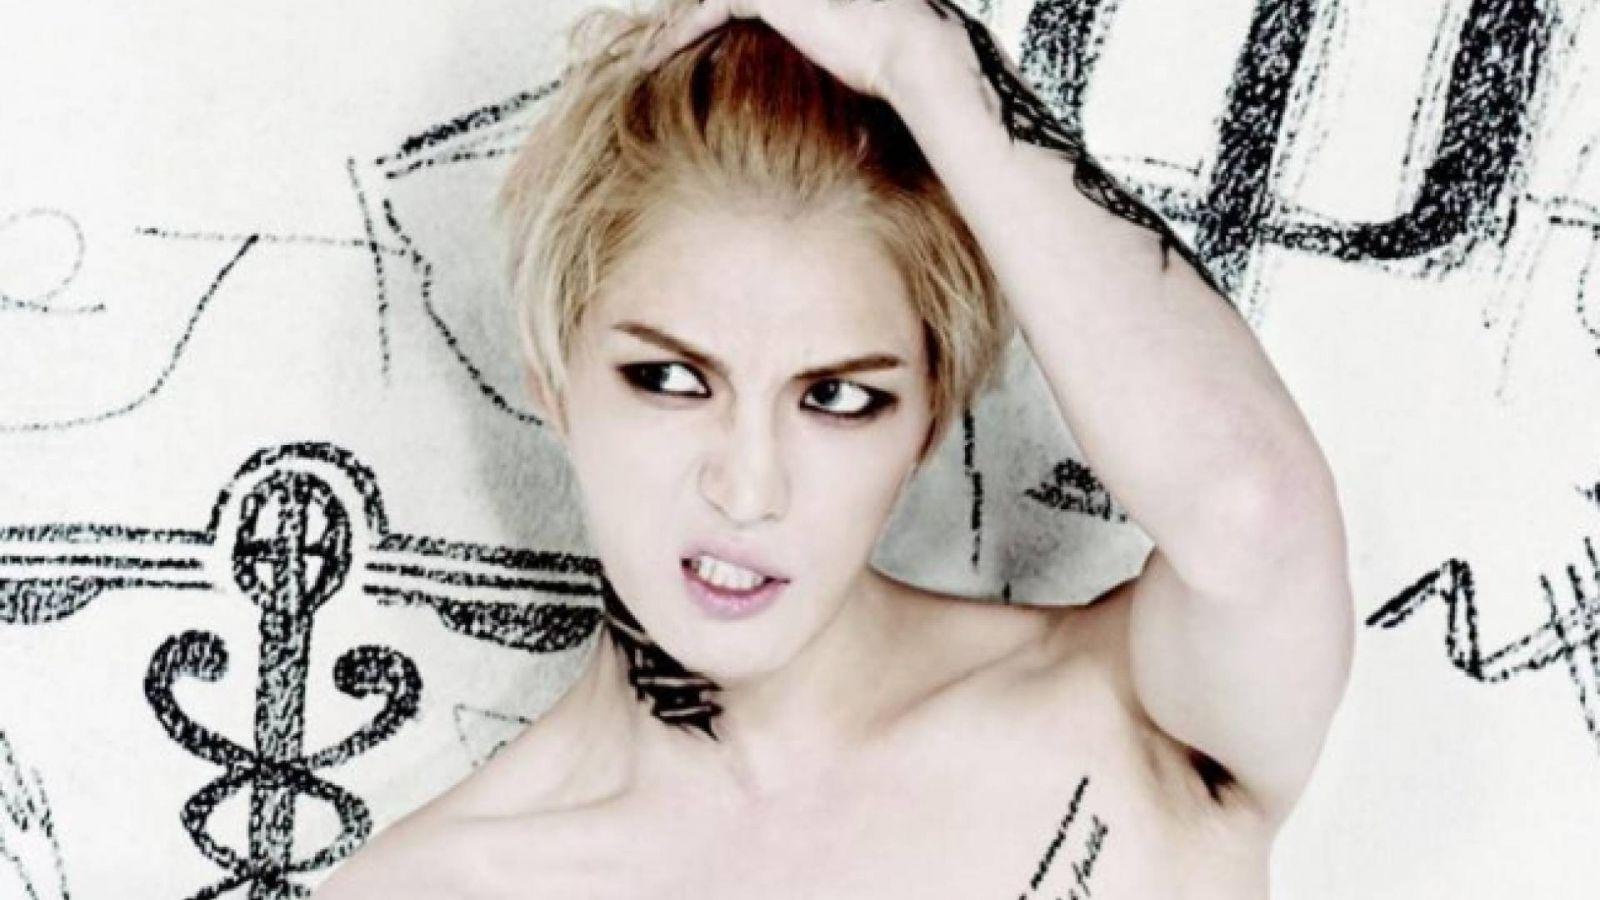 Jaejoong © CJes, Kim JaeJoong